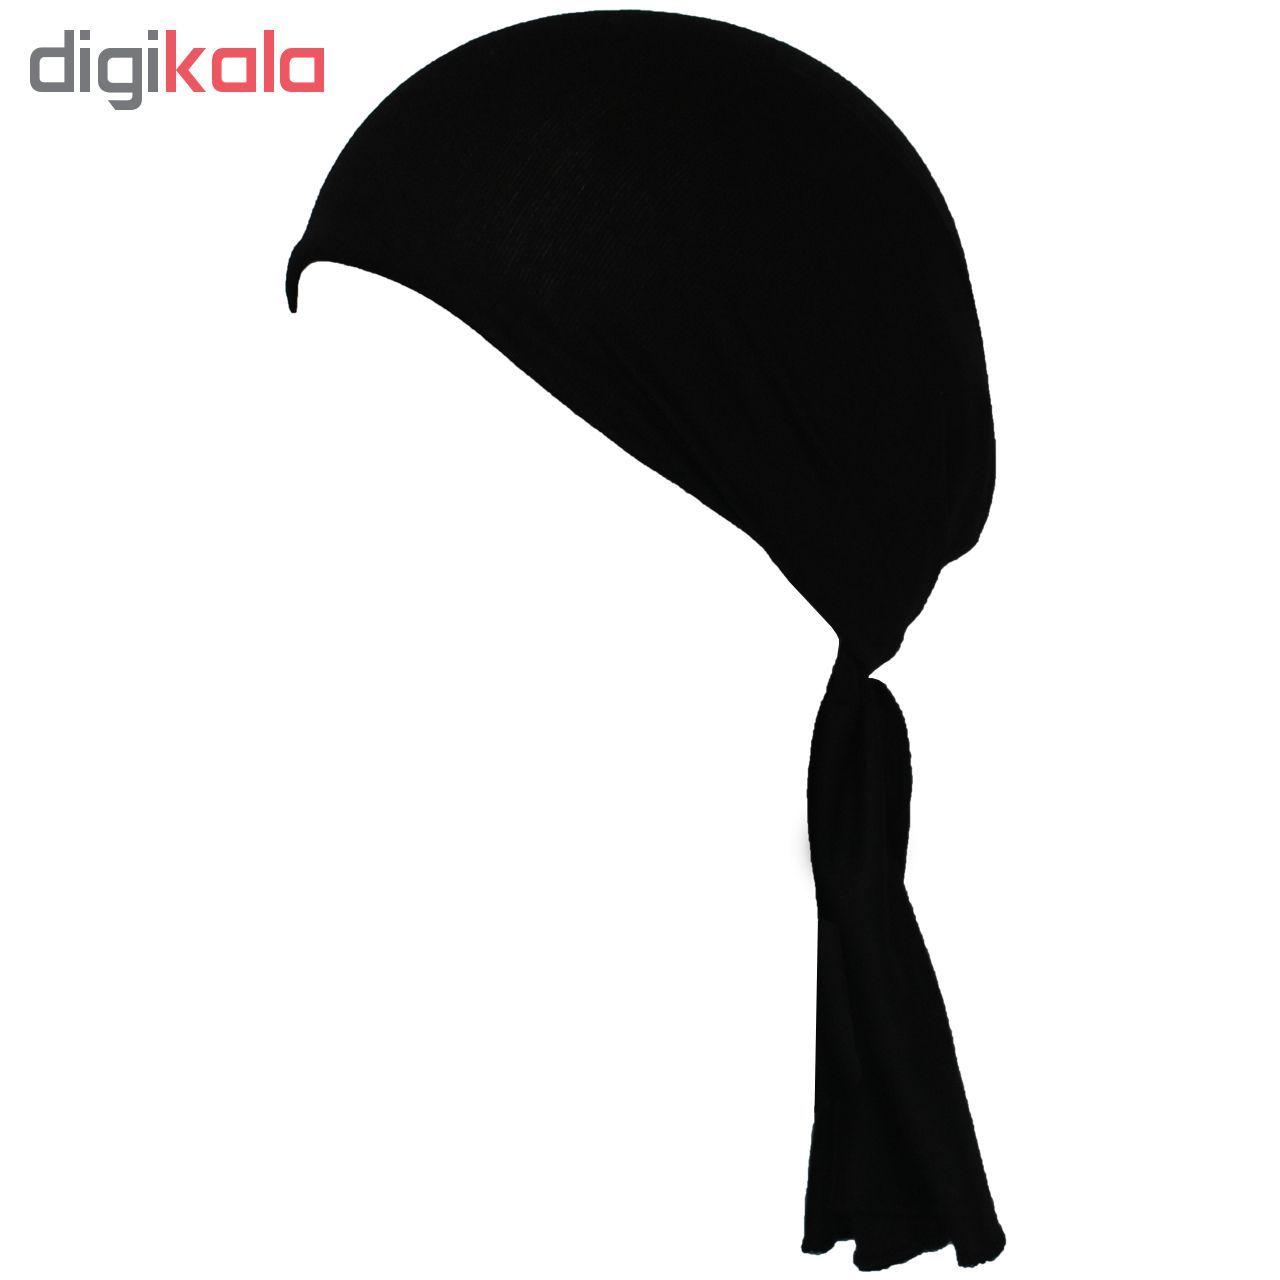 دستمال سر و گردن چابوک طرح Black1 C مدل C400